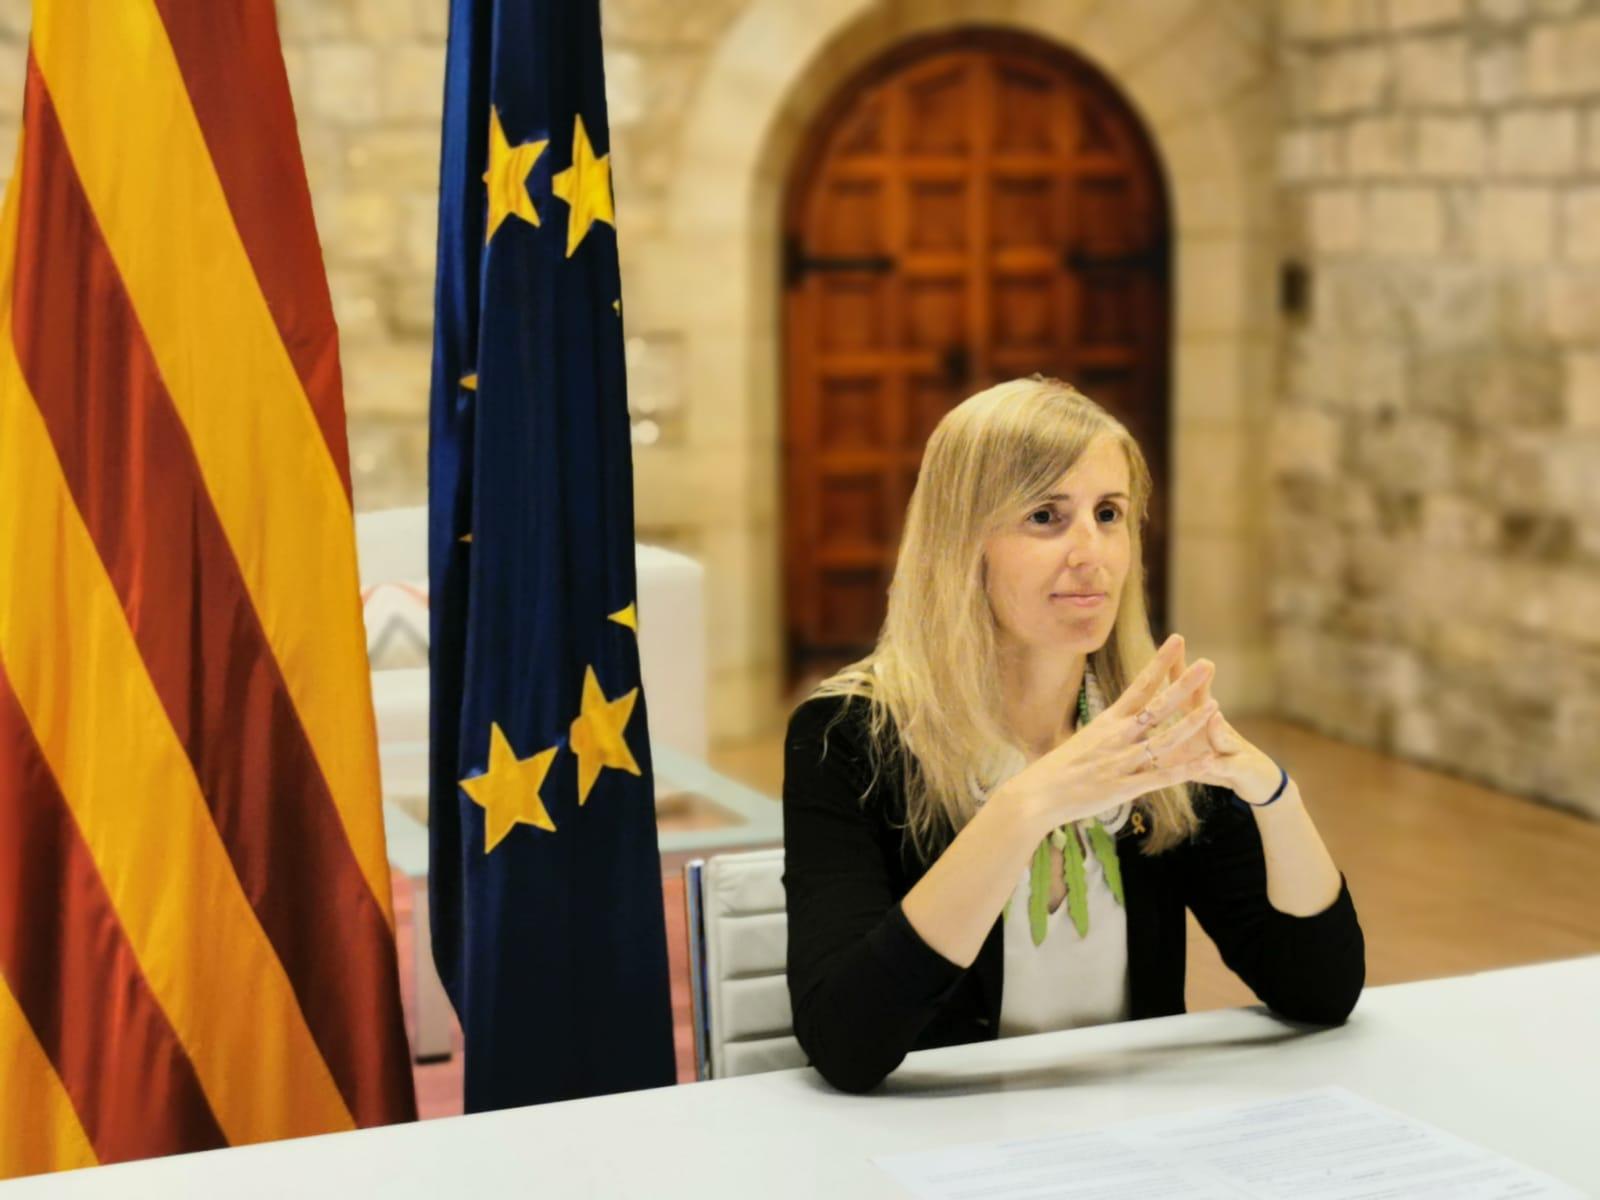 La consellera Alsina intervé en l'homenatge al bisbe Pere Casaldàliga